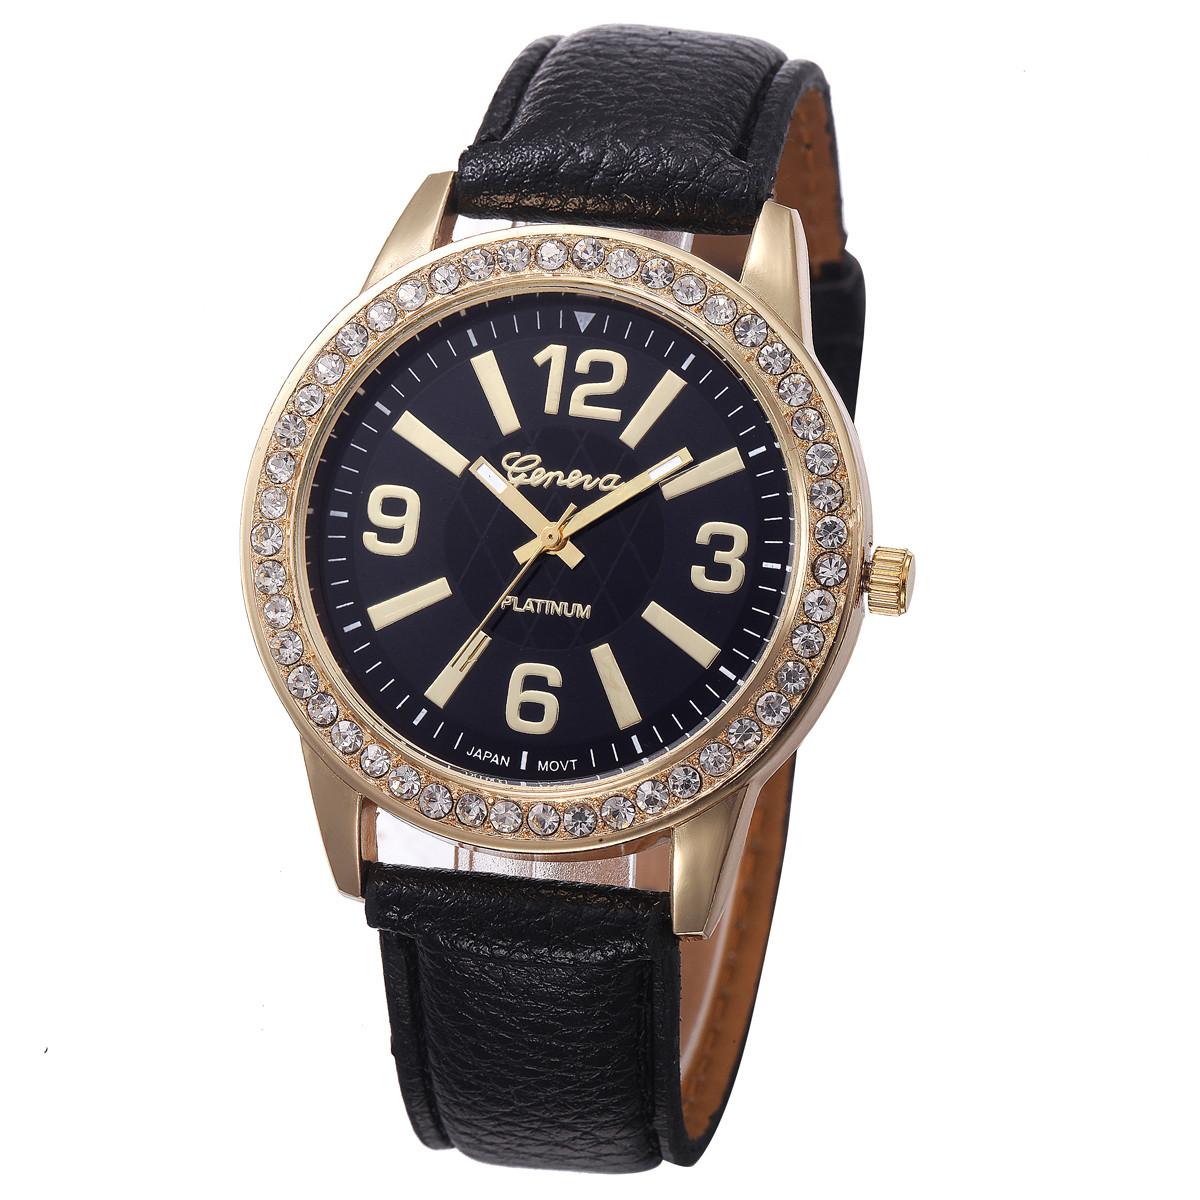 Аккуратные женские часы «Geneva» с чёрным циферблатом, стразами и мягким ремешком купить. Цена 265 грн